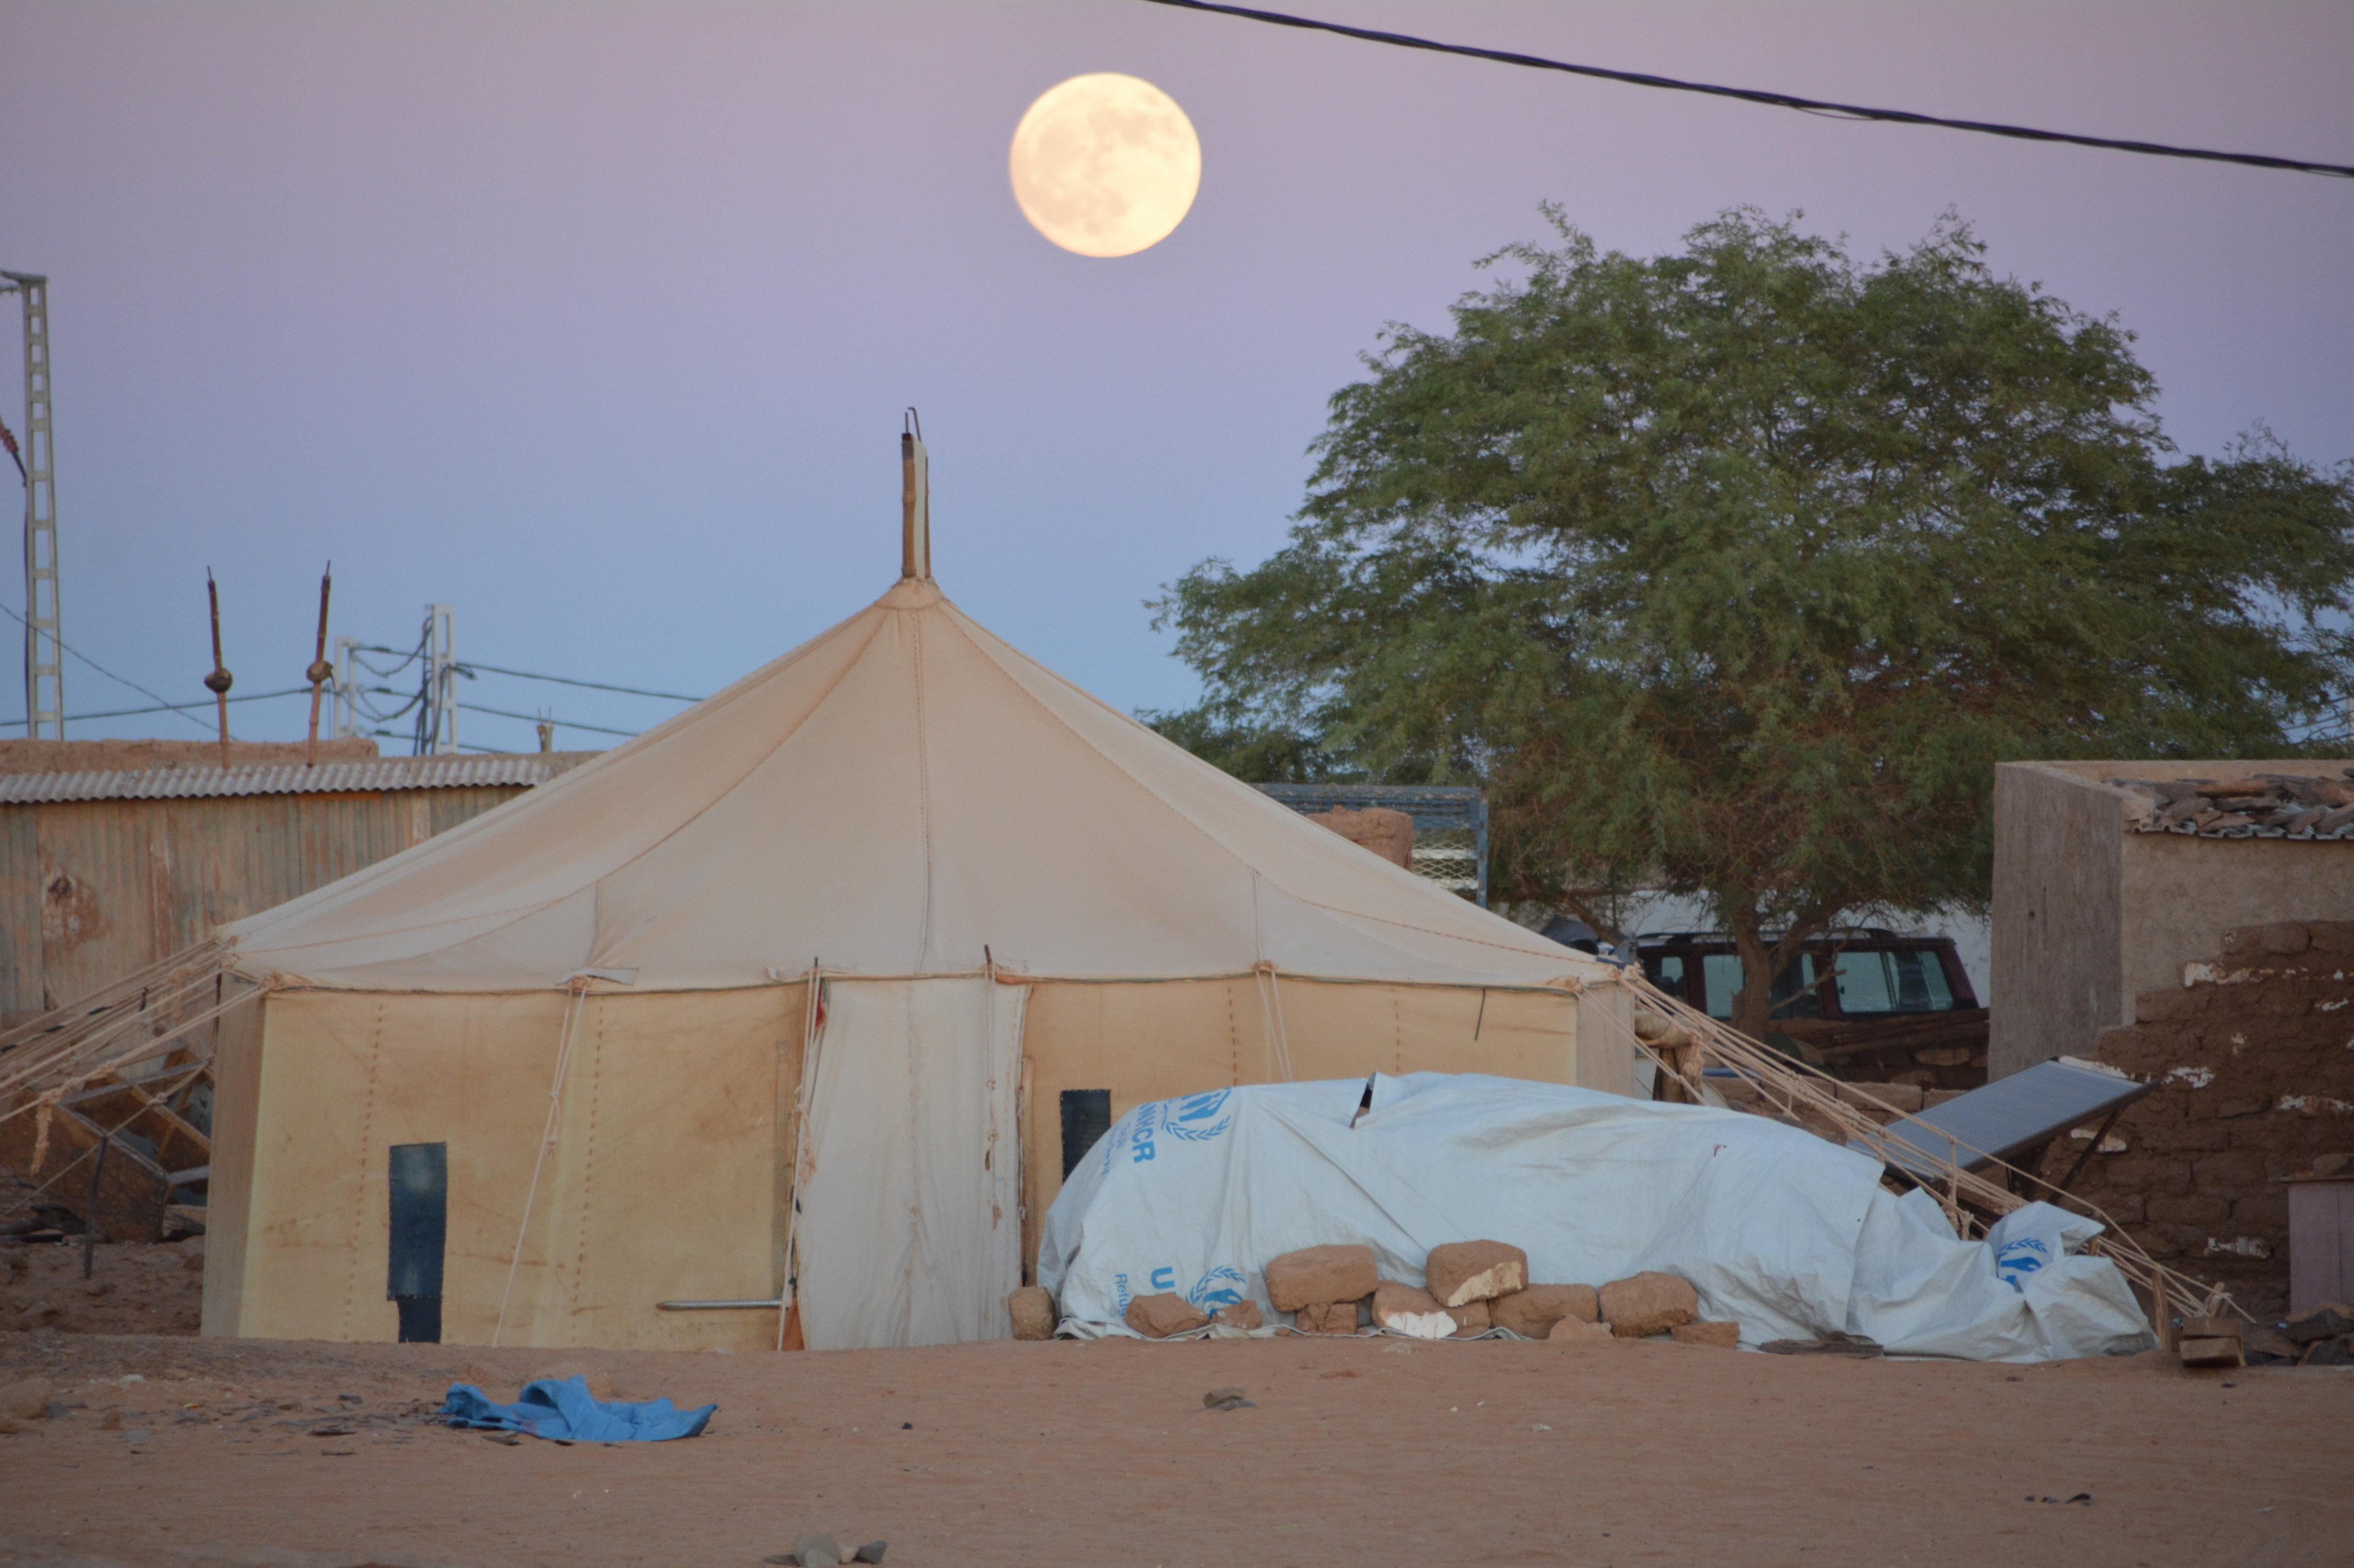 Campo de refugiados en Dajla, Sáhara Occidental